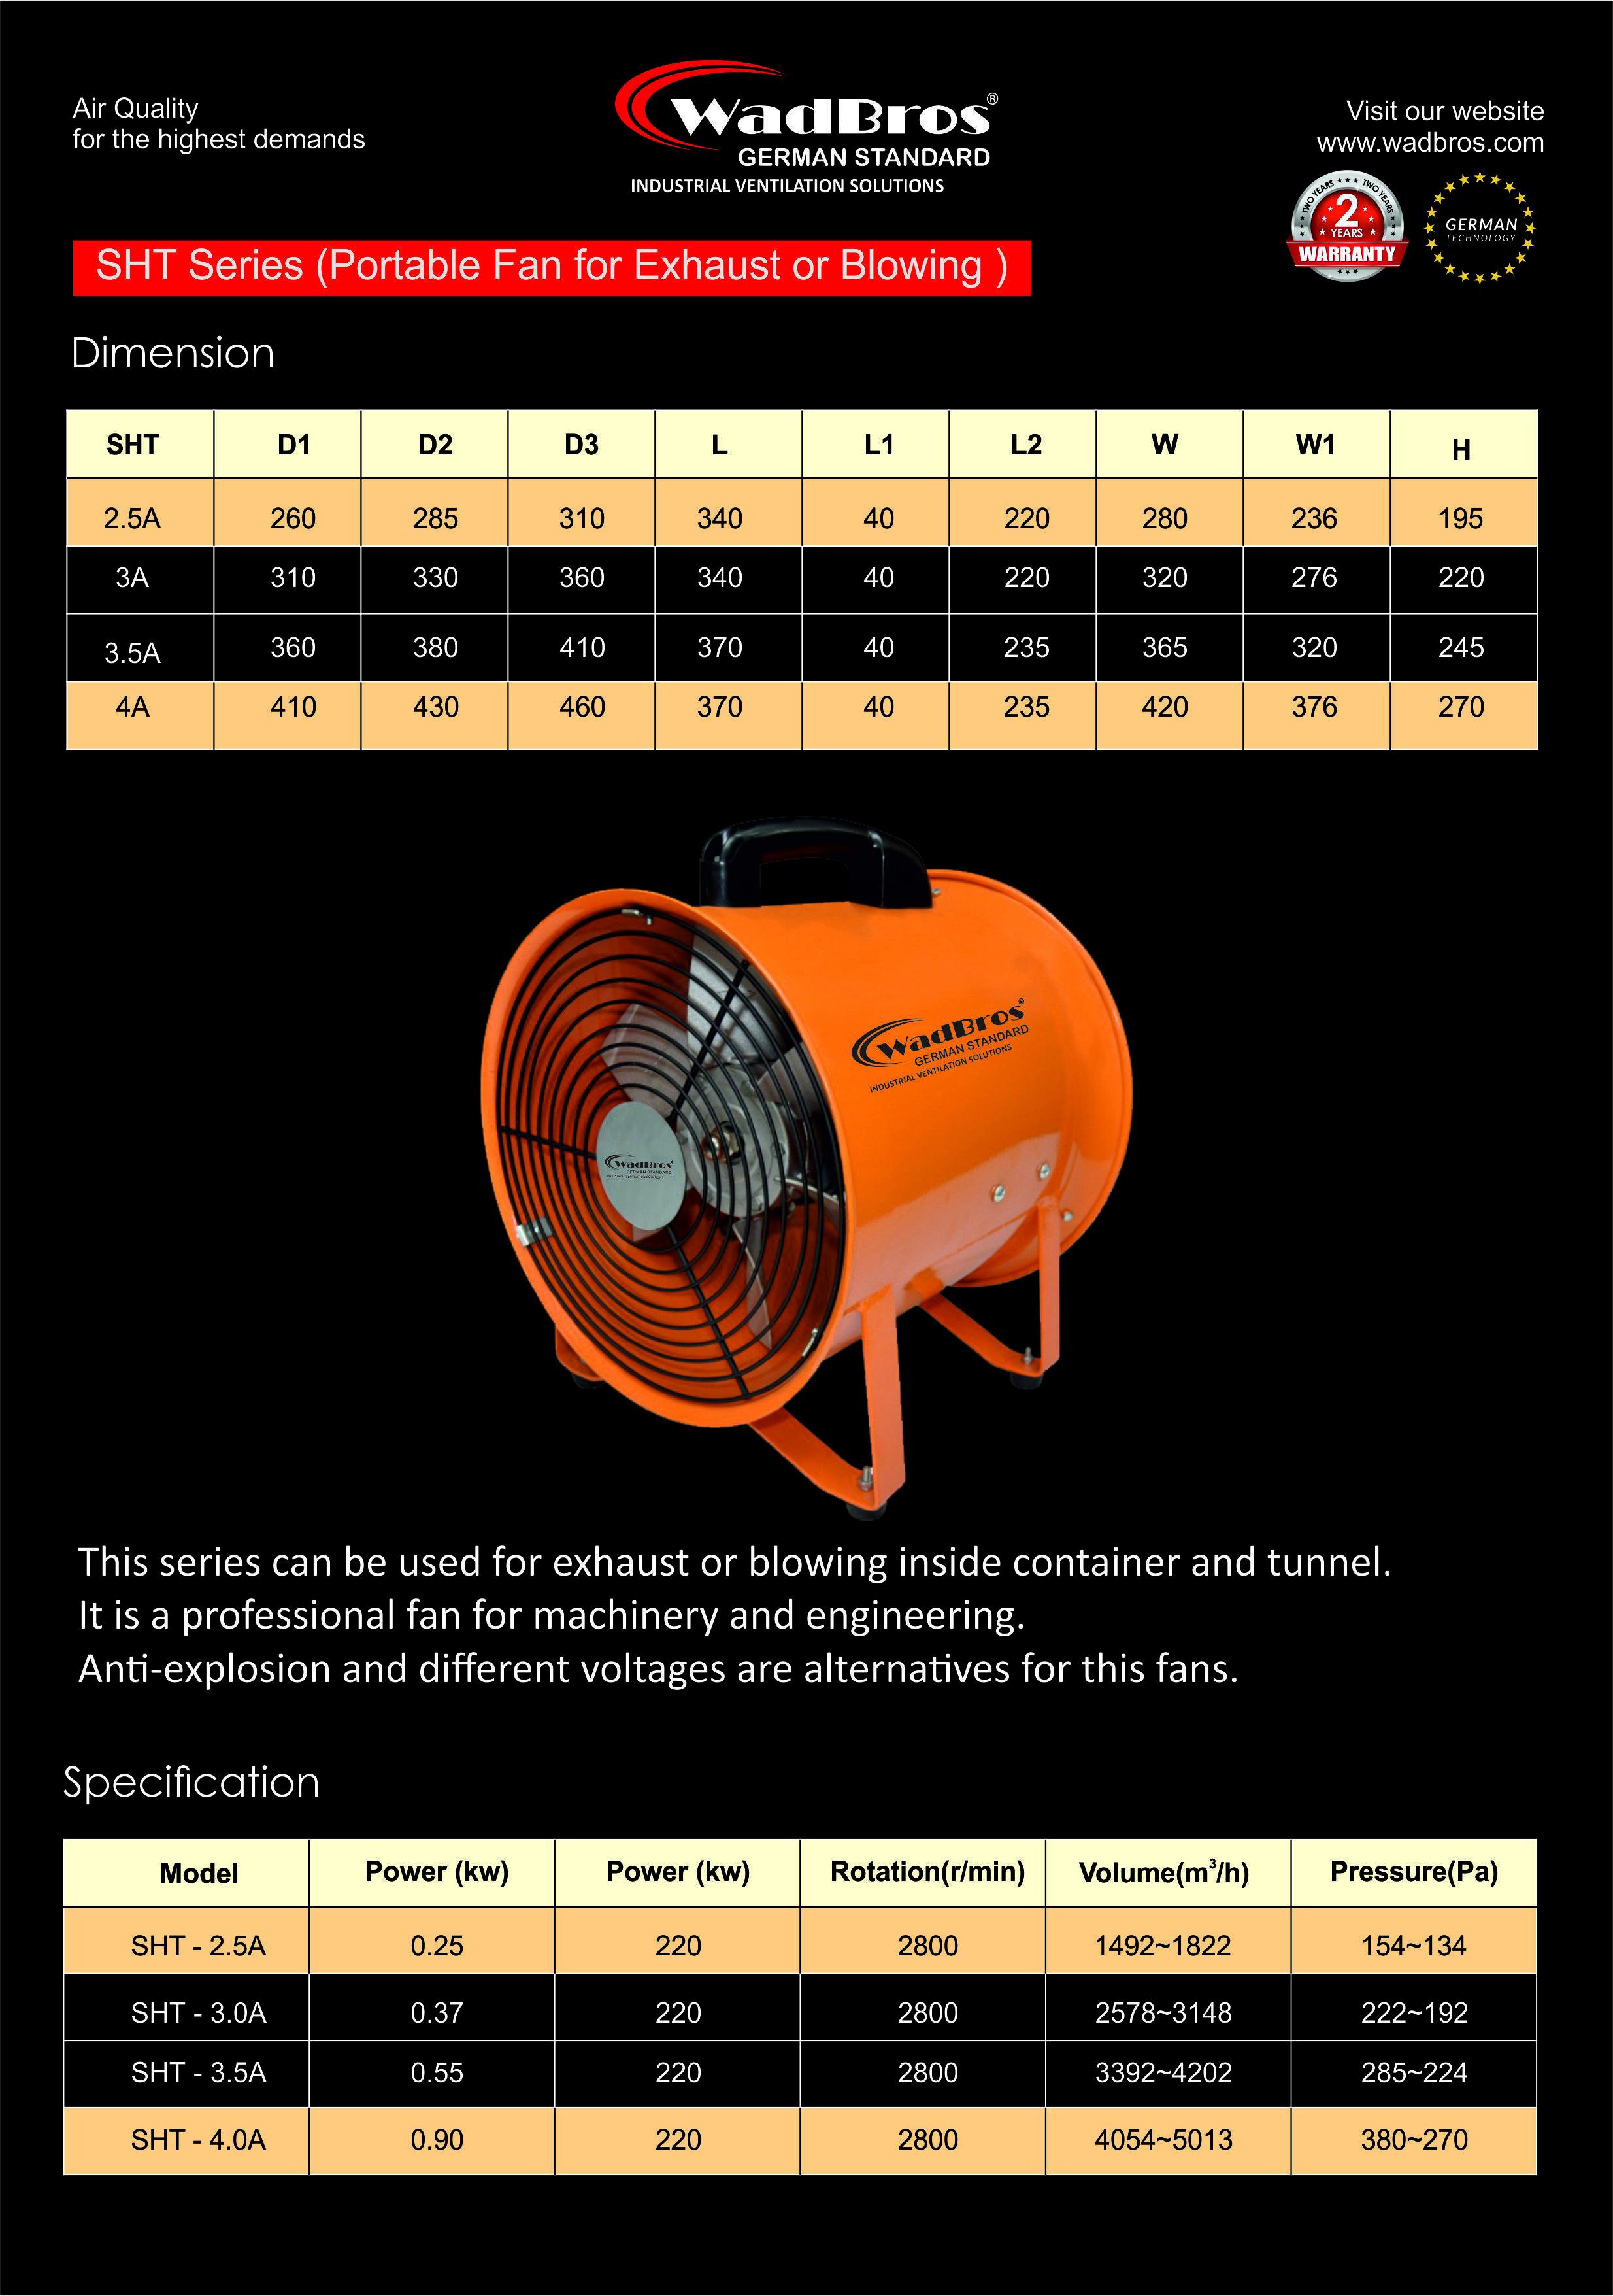 SHT Industrial Exhaust Fan ( Portable Fan for Exhaust Blowing )